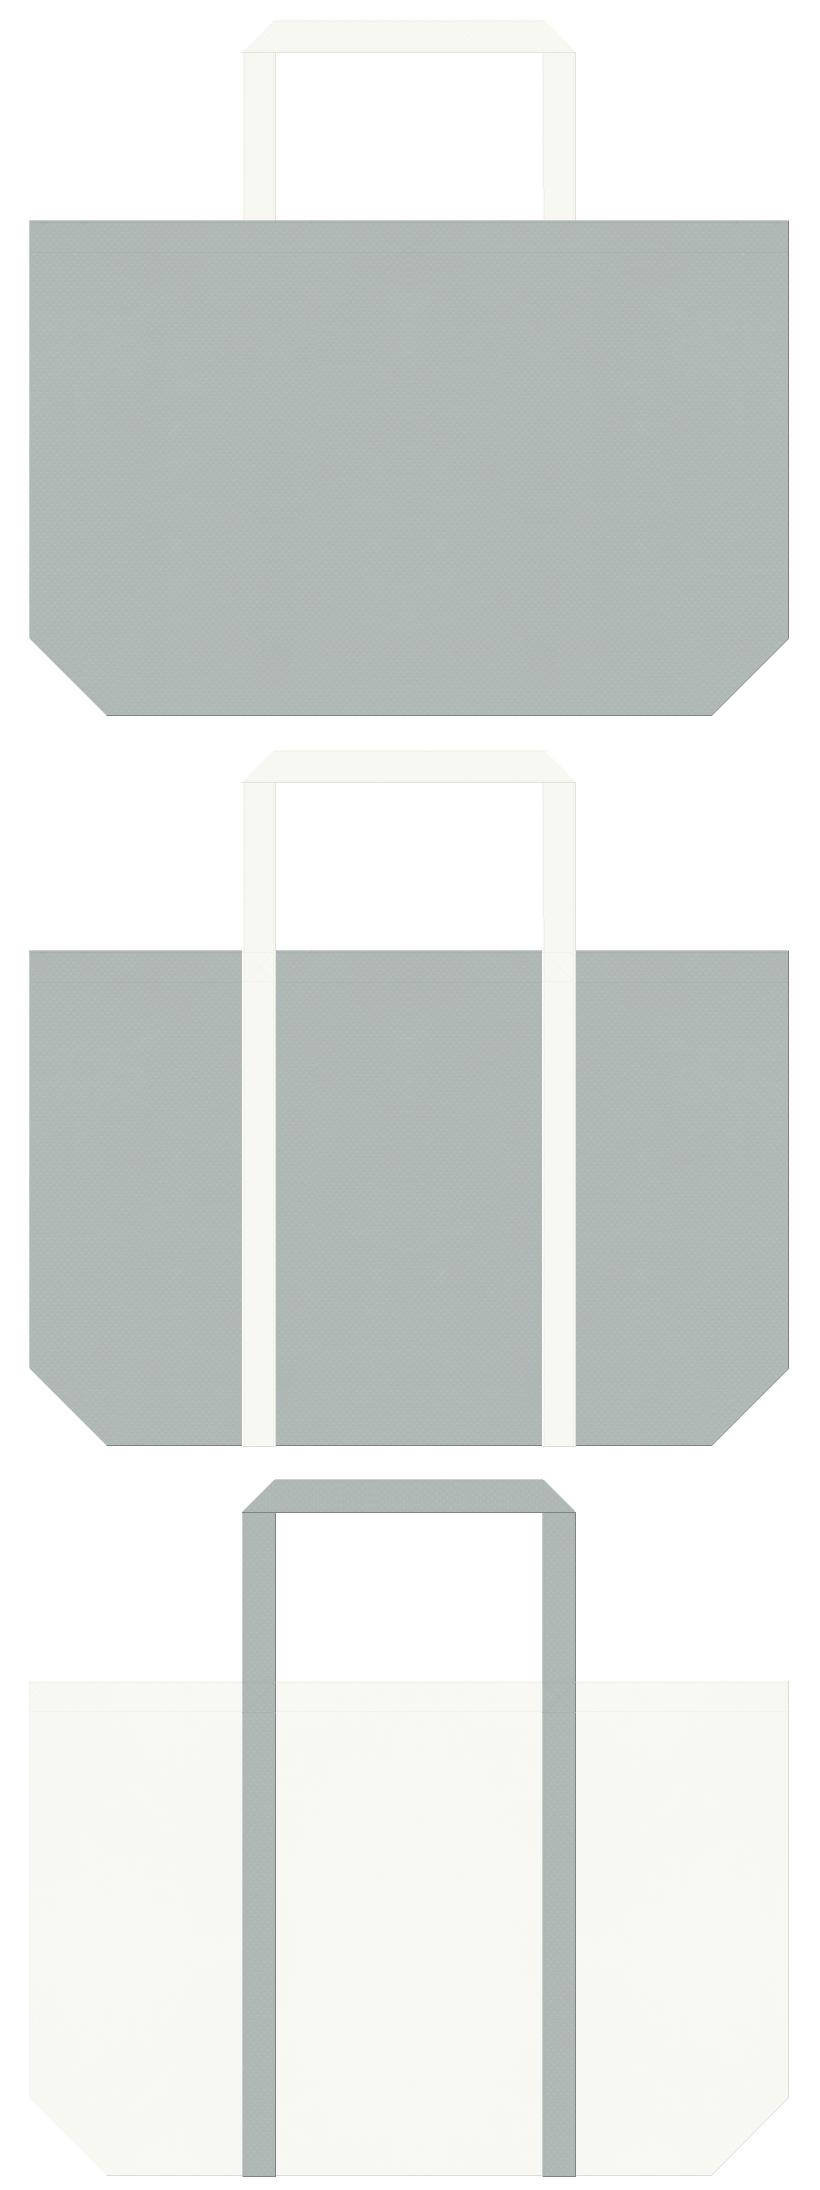 什器、設計、オフィス用品のバッグノベルティにお奨めのコーデ。グレー色とオフホワイト色の不織布エコバッグのデザイン。